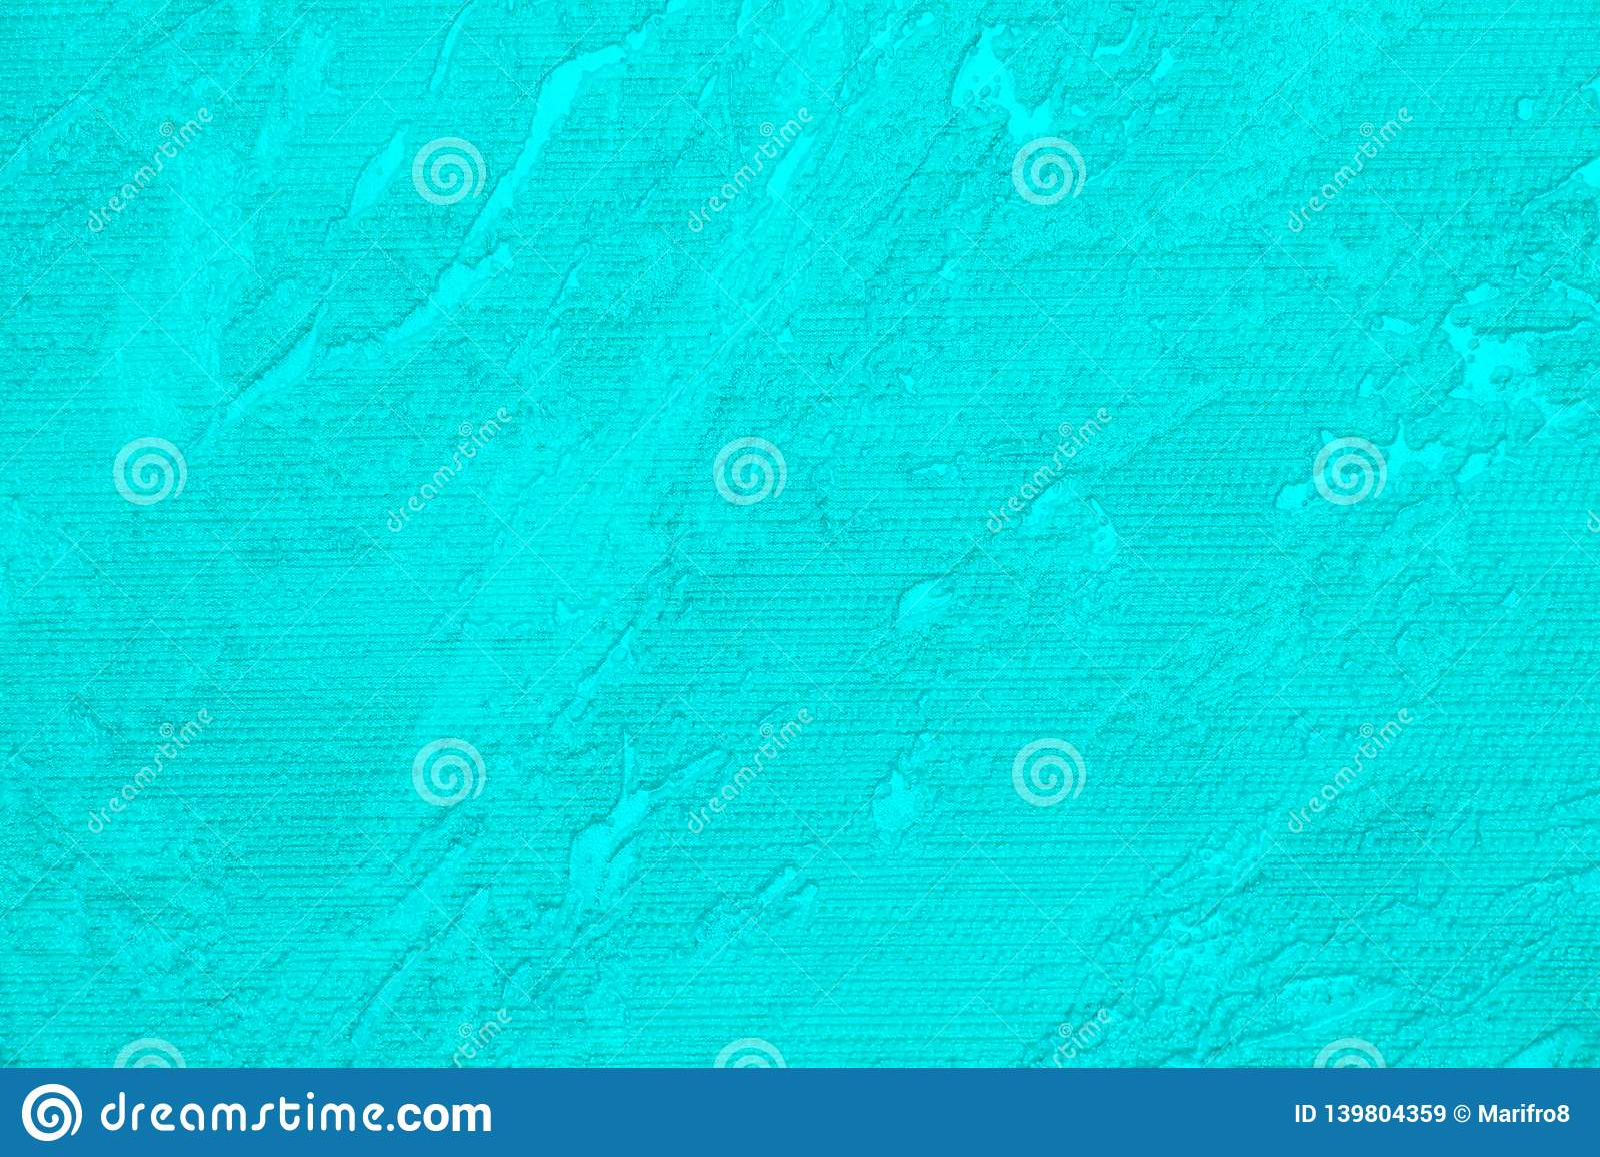 Blå textur med reflex Färgen är turkos med refrängen